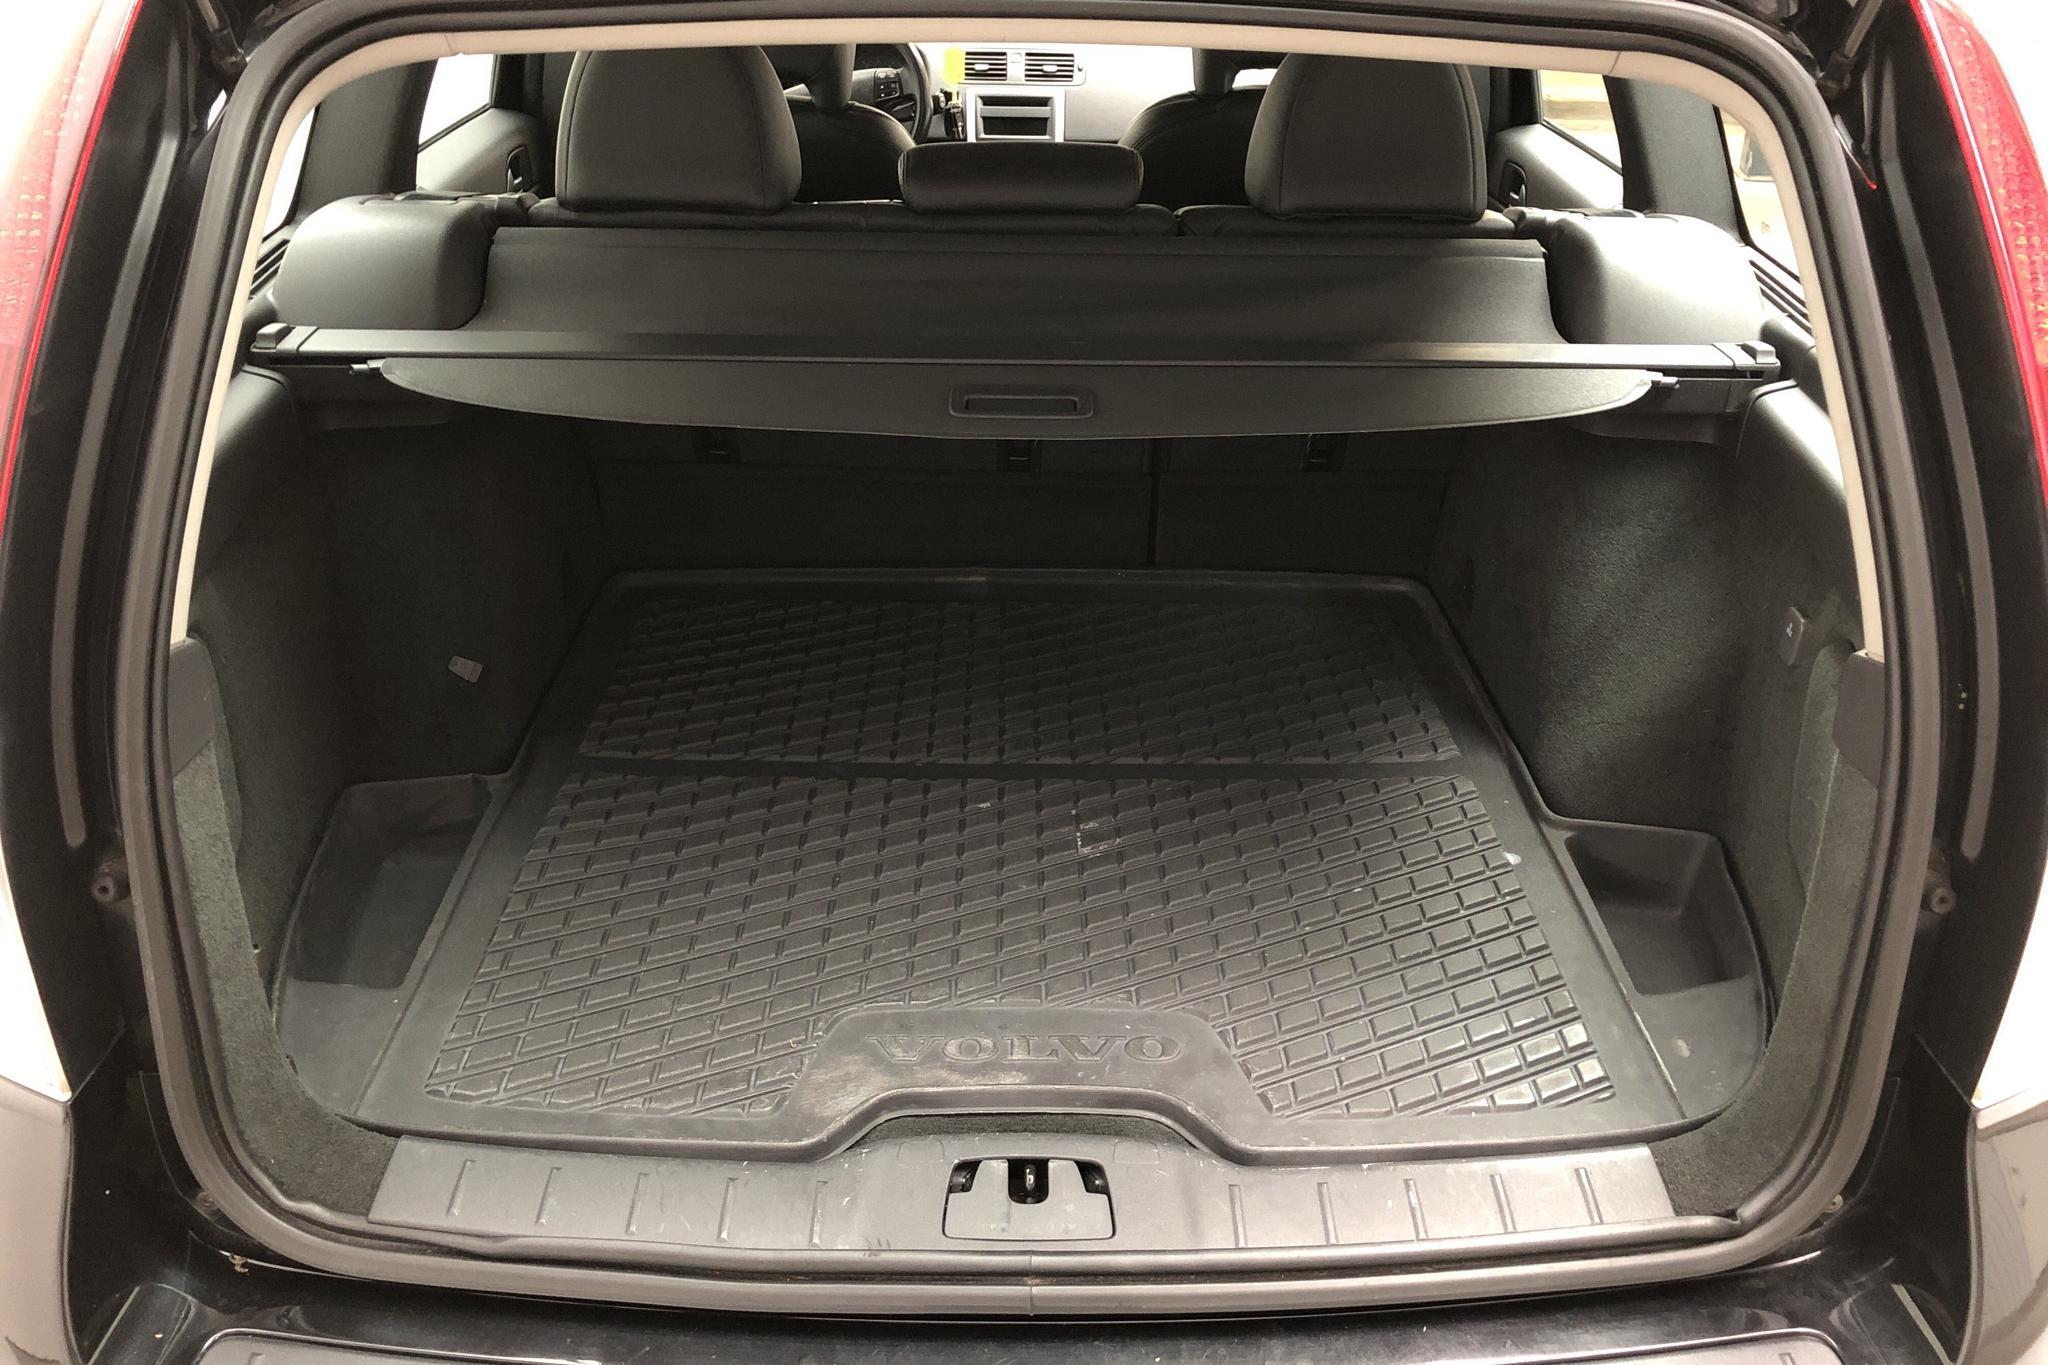 Volvo V50 D2 (115hk) - 123 360 km - Manual - black - 2012